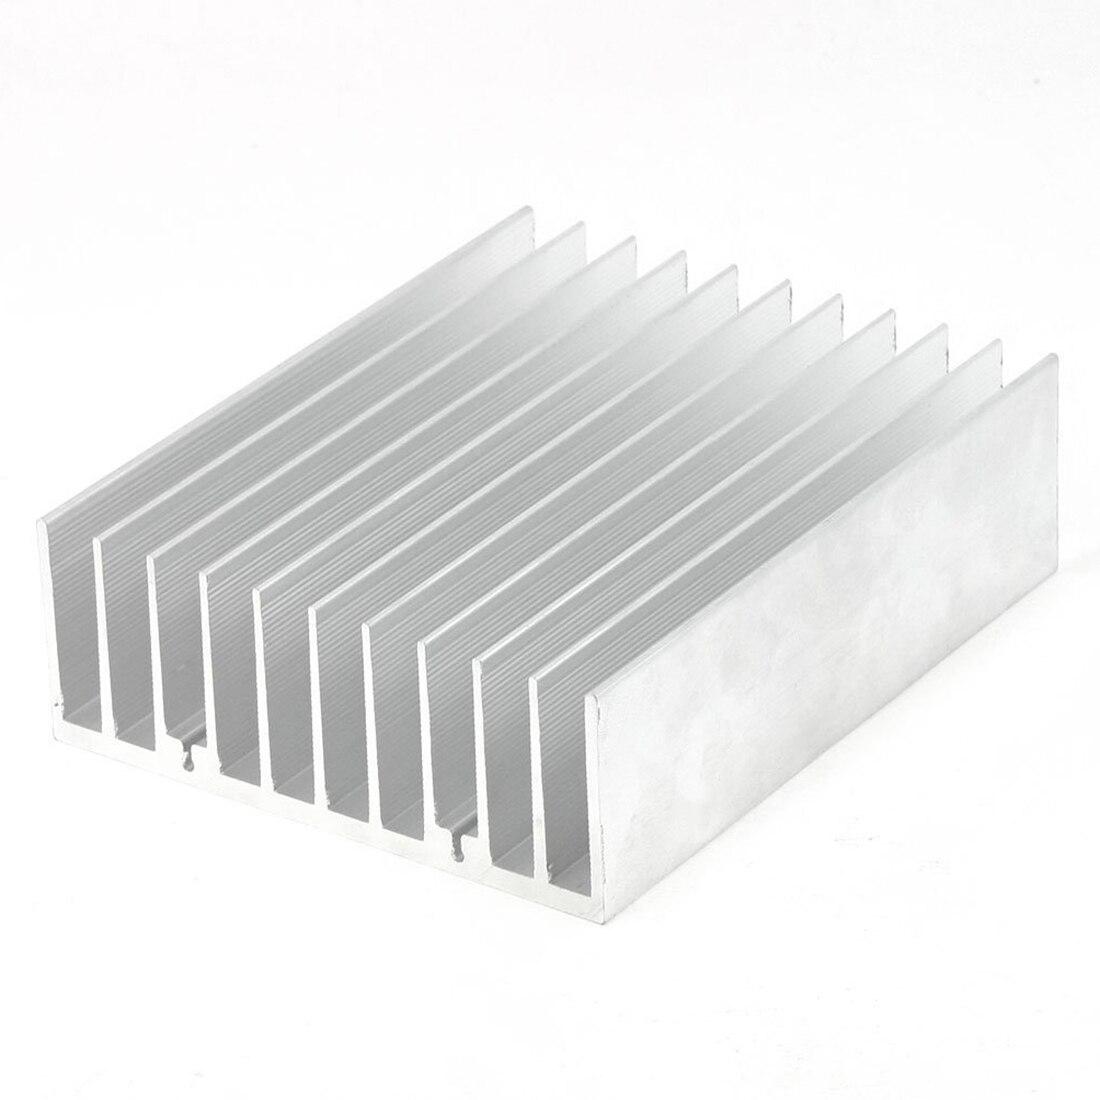 120mm x 45mm x 150mm Heatsink Heat Dissipation Aluminium Cooling Fin